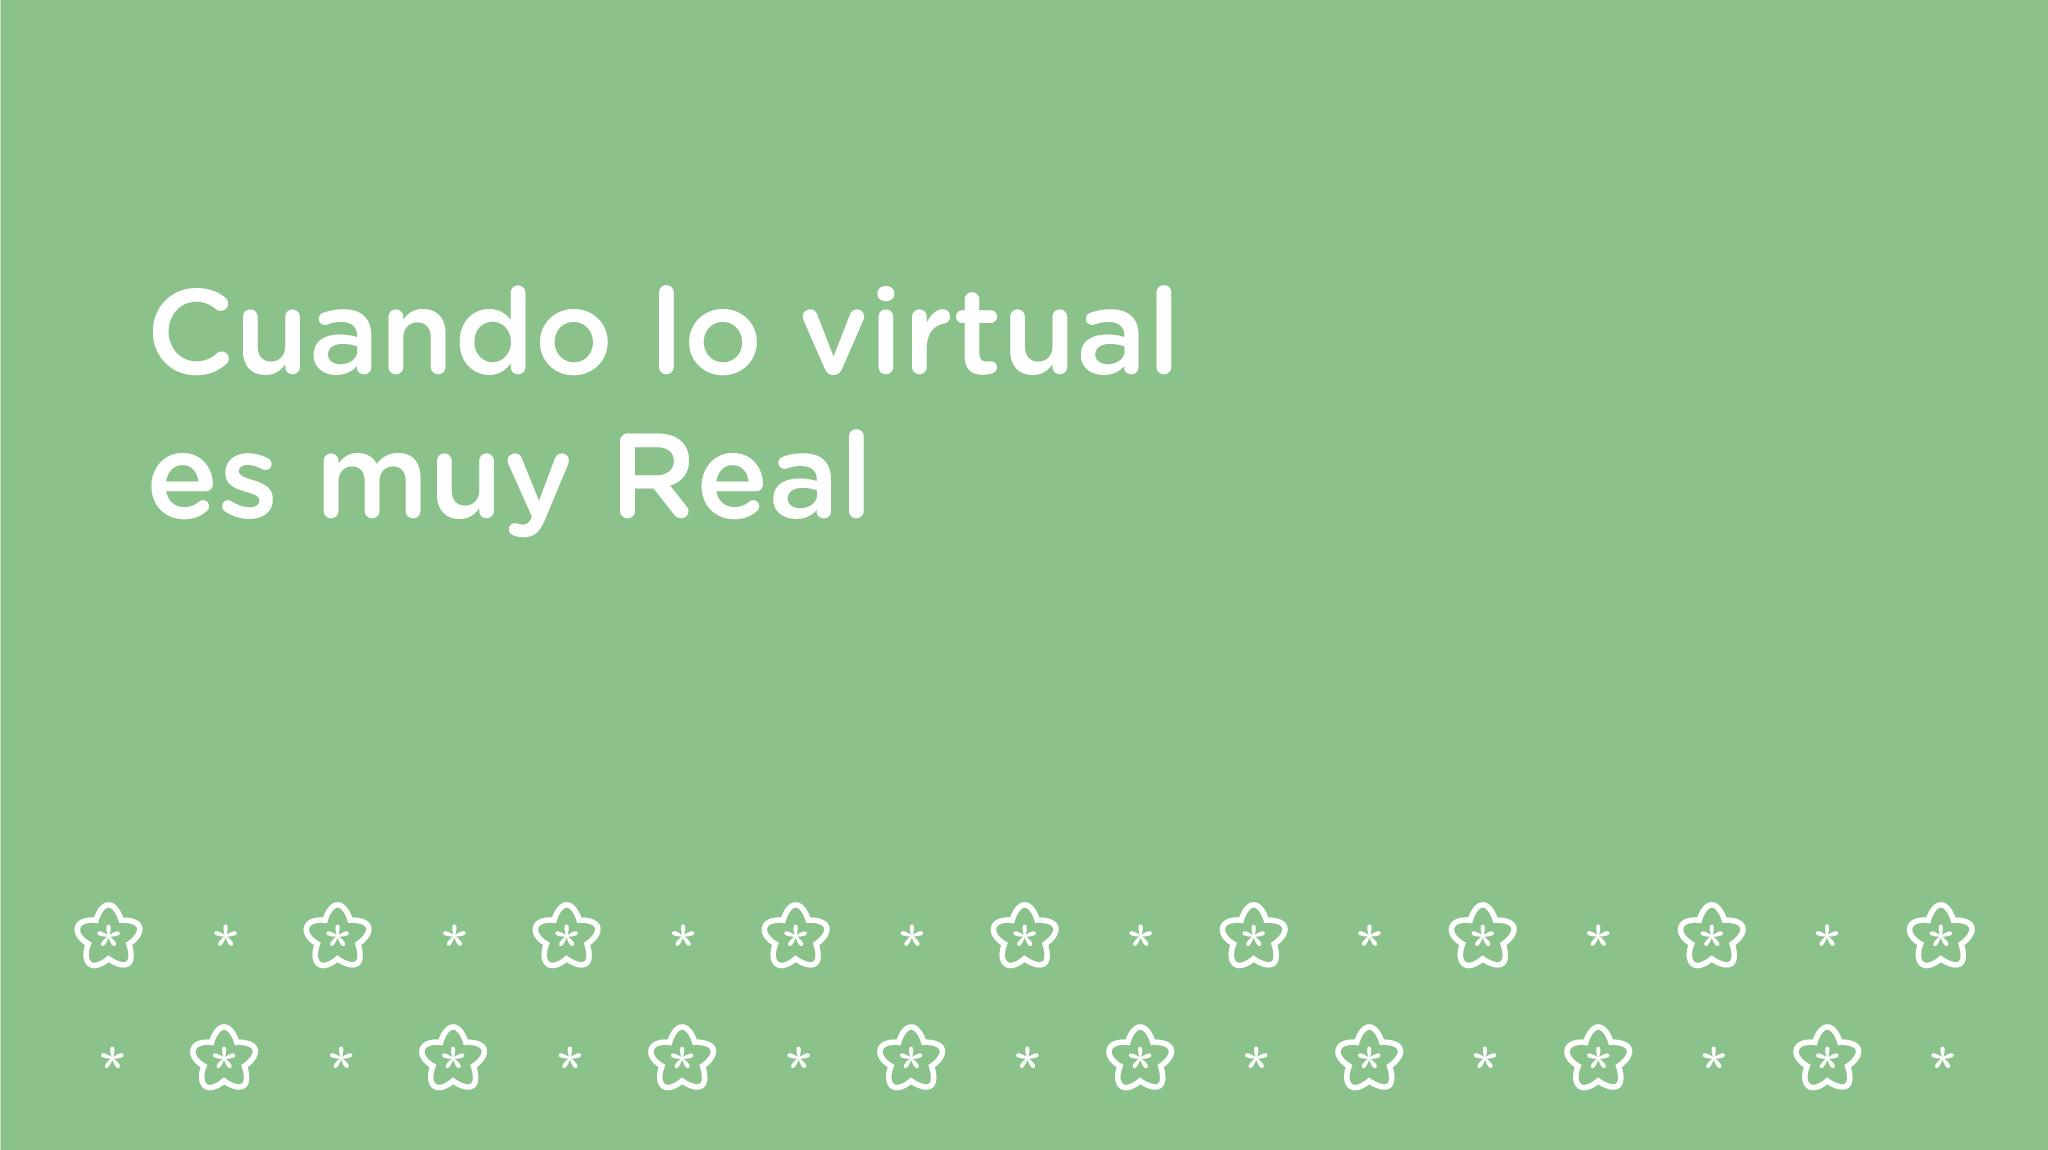 Cuando lo virtual es muy real